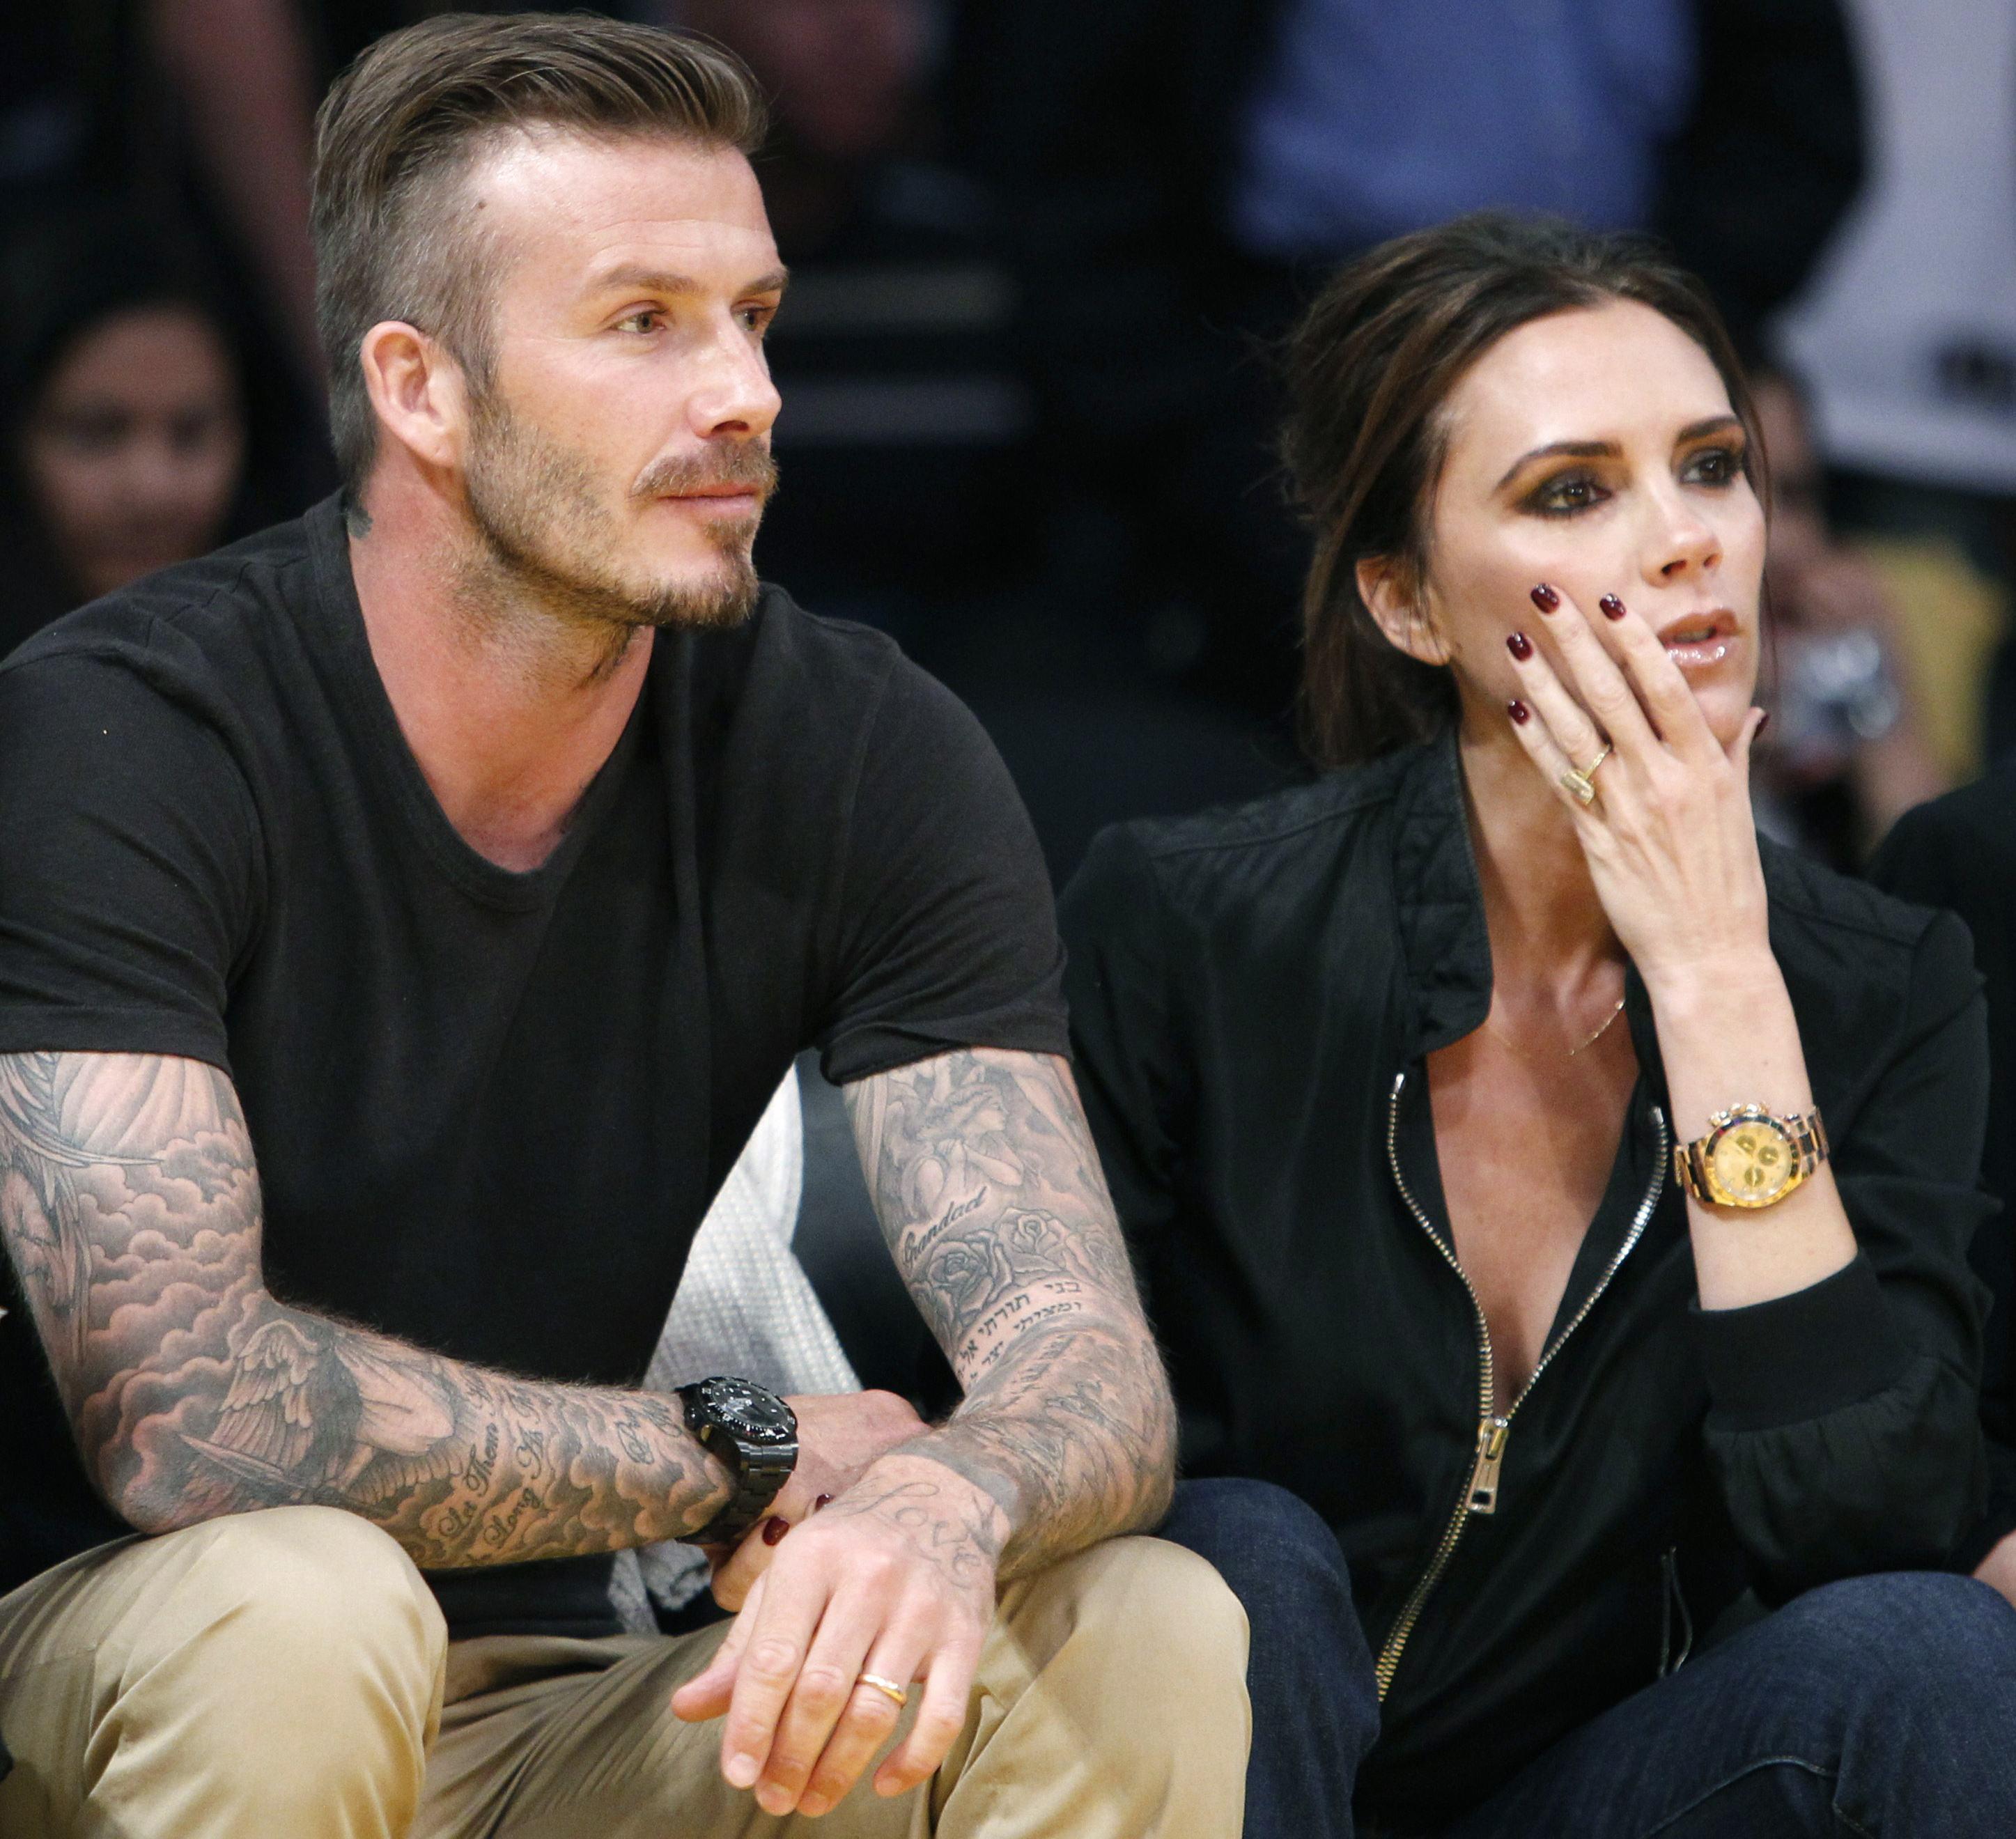 De David E Victoria Beckham A Gisele Bndchen E Tom Brady Confira 20 Casais De Famosos Com